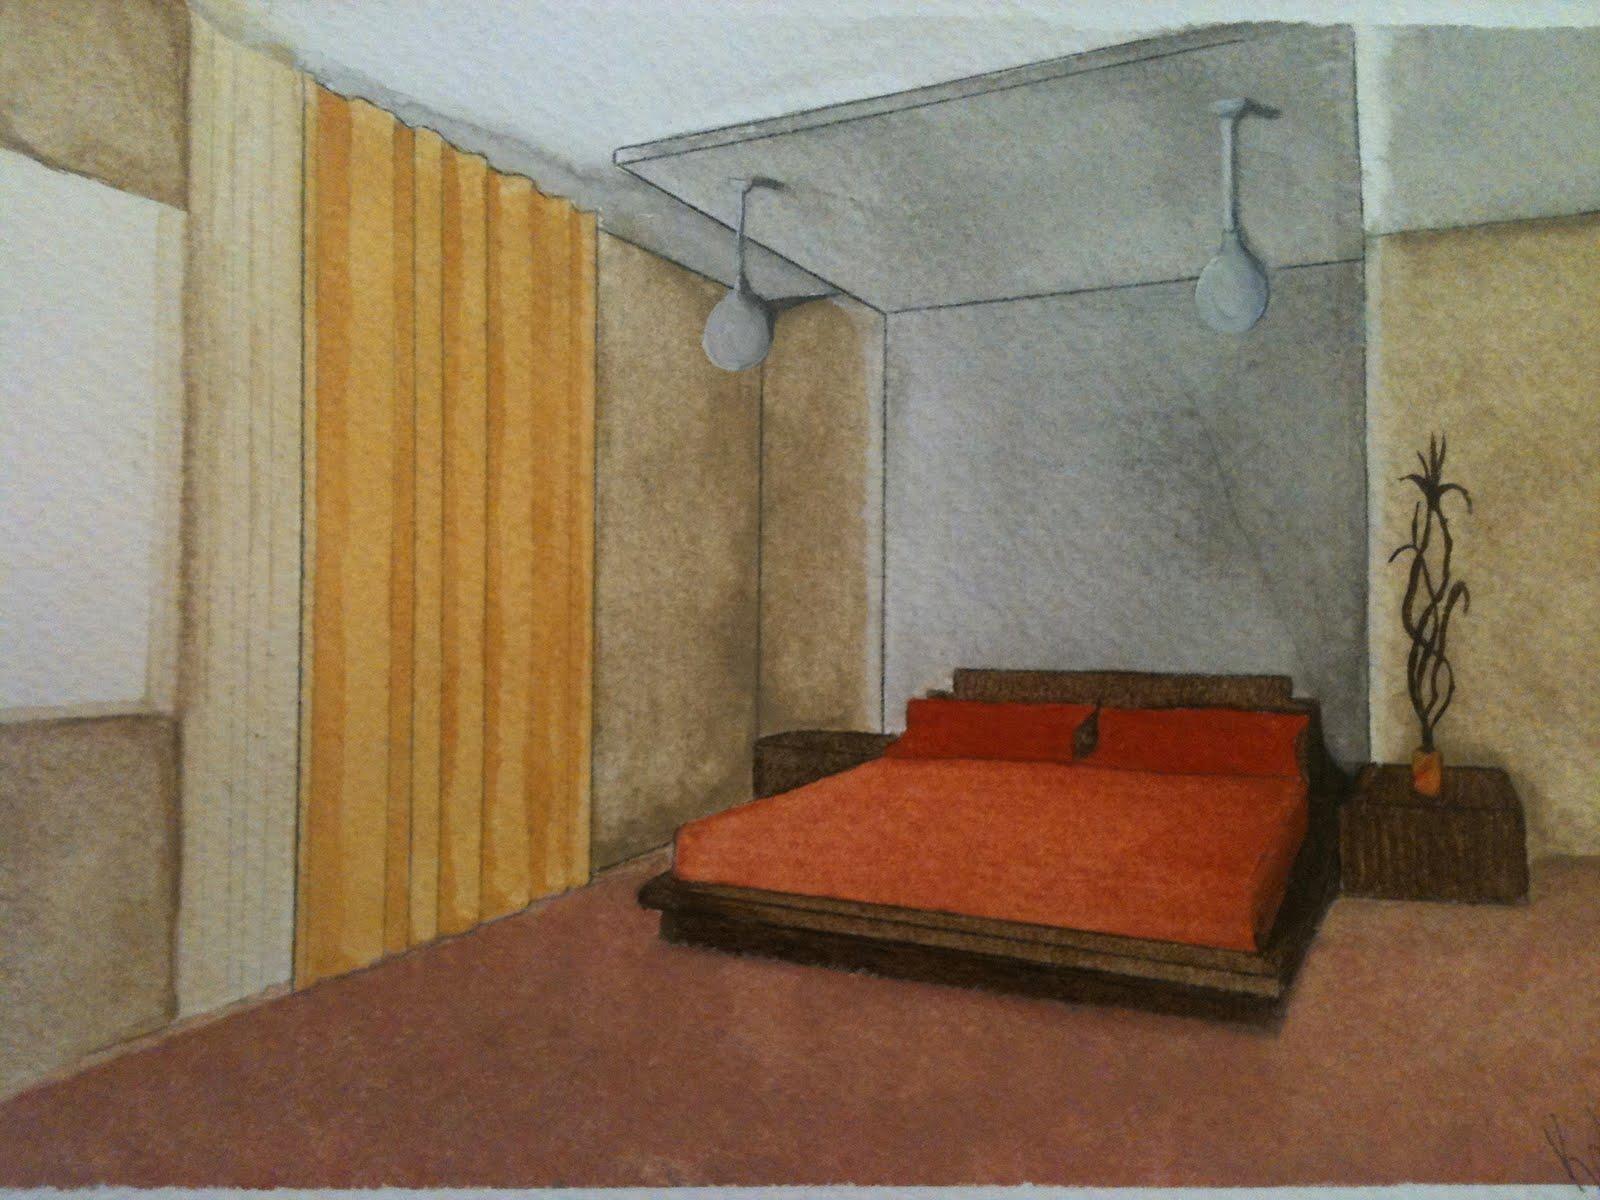 Dise adoras de interiores de la univa acuarelas y pasteles - Disenadoras de interiores ...